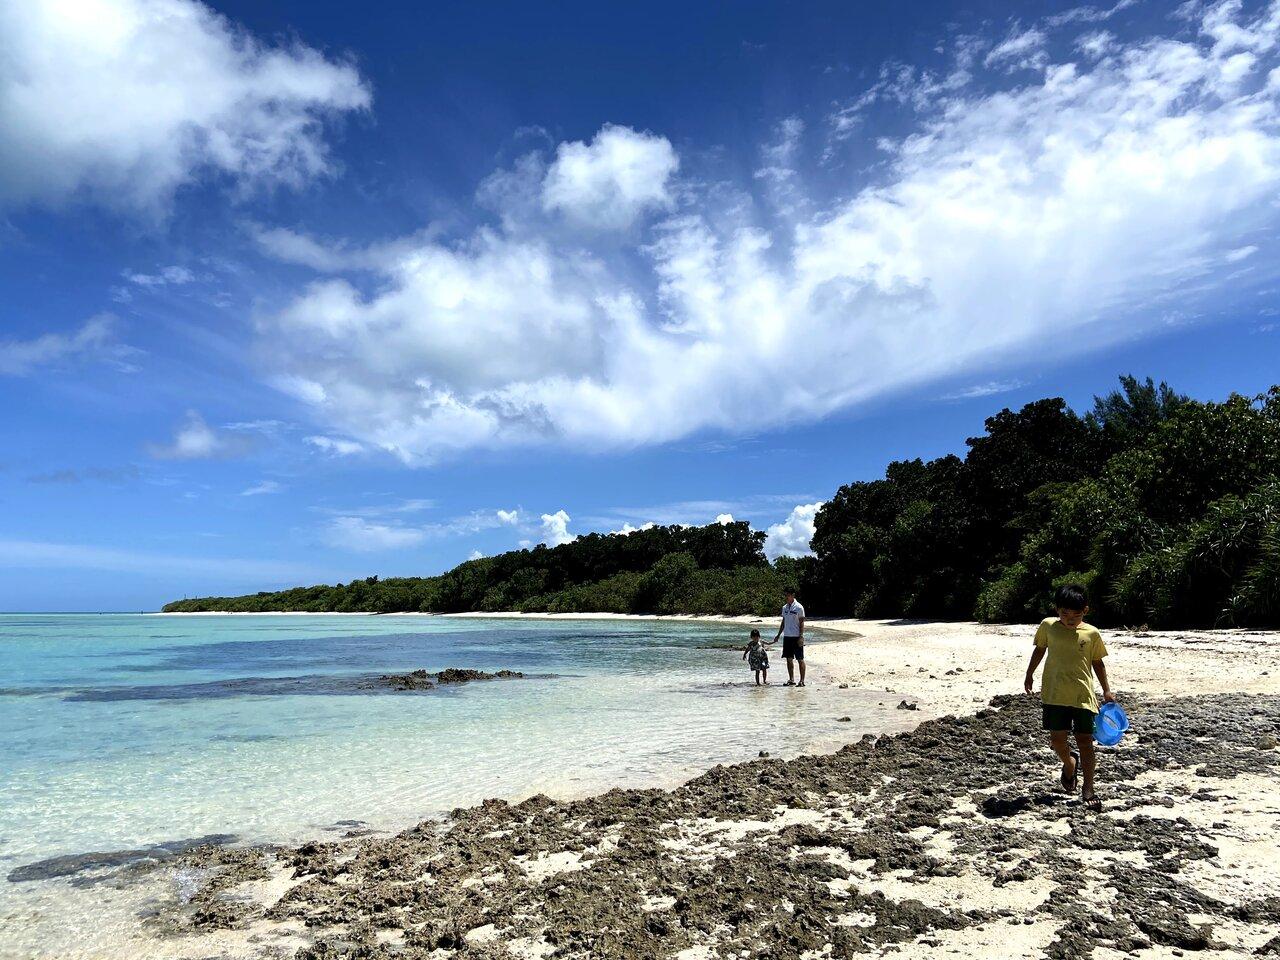 """竹富島の海辺を歩いて生き物探し。ヤドカリやカニ、岩をひっくり返したらタコが出てきたこともありました。海をのぞくと魚の群れが見えます。<br> <small class=""""font-small"""">写真提供:片岡由衣</small>"""